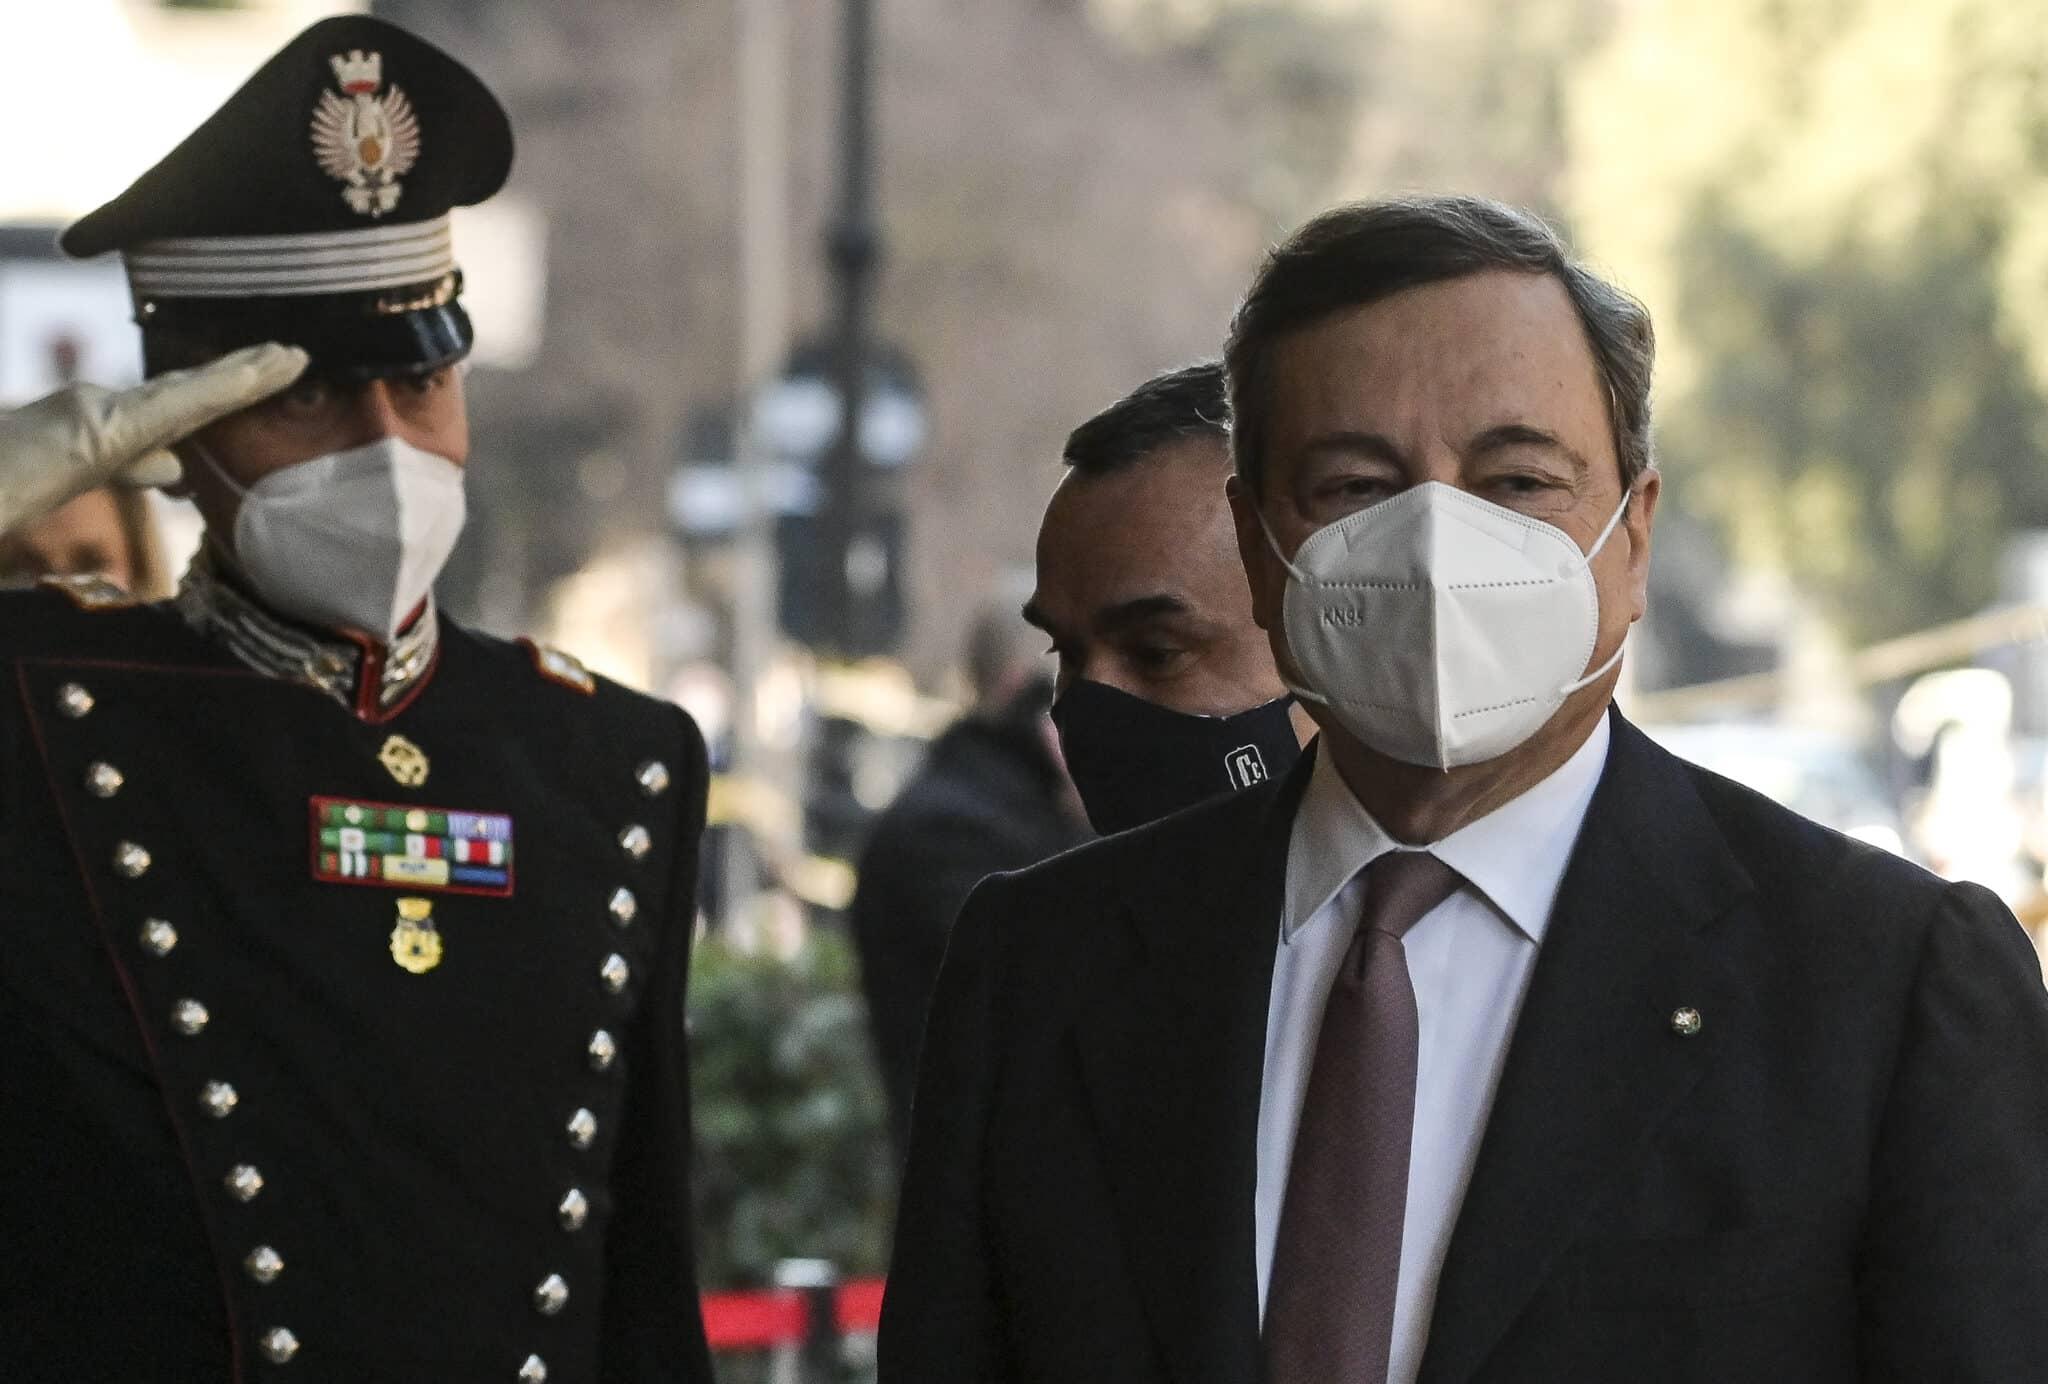 Il governo Draghi non convince gli italiani: al 44,1% non piace la squadra dei ministri